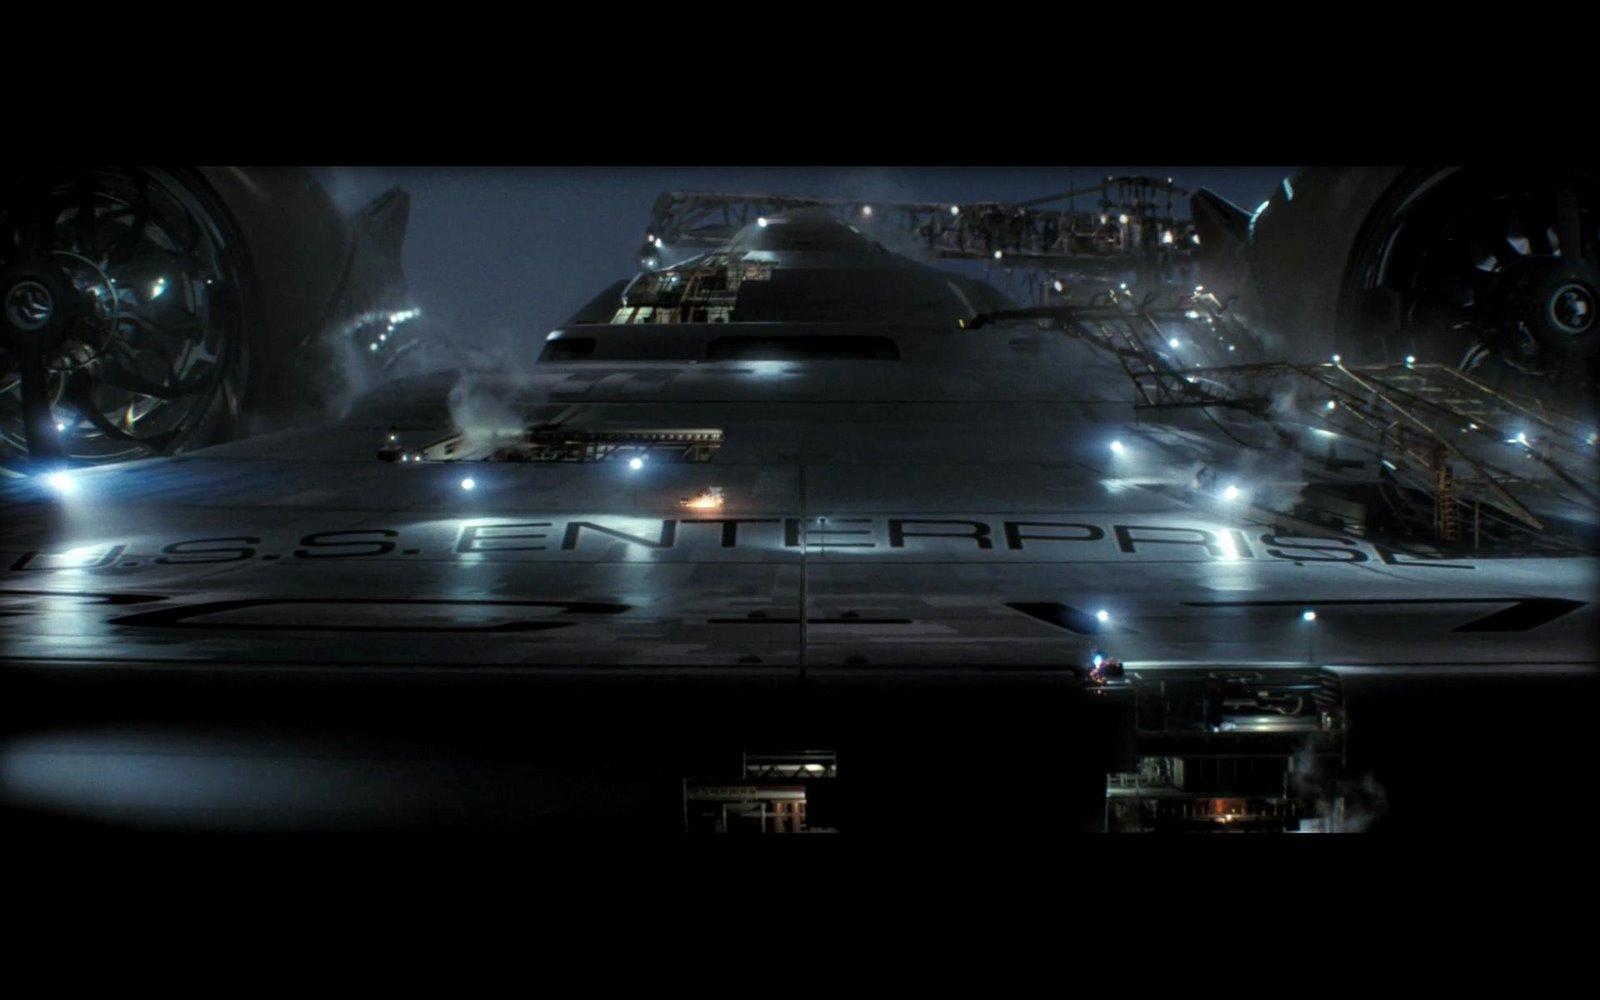 Star Trek Widescreen Wallpaper HD wallpaper background 1600x1000